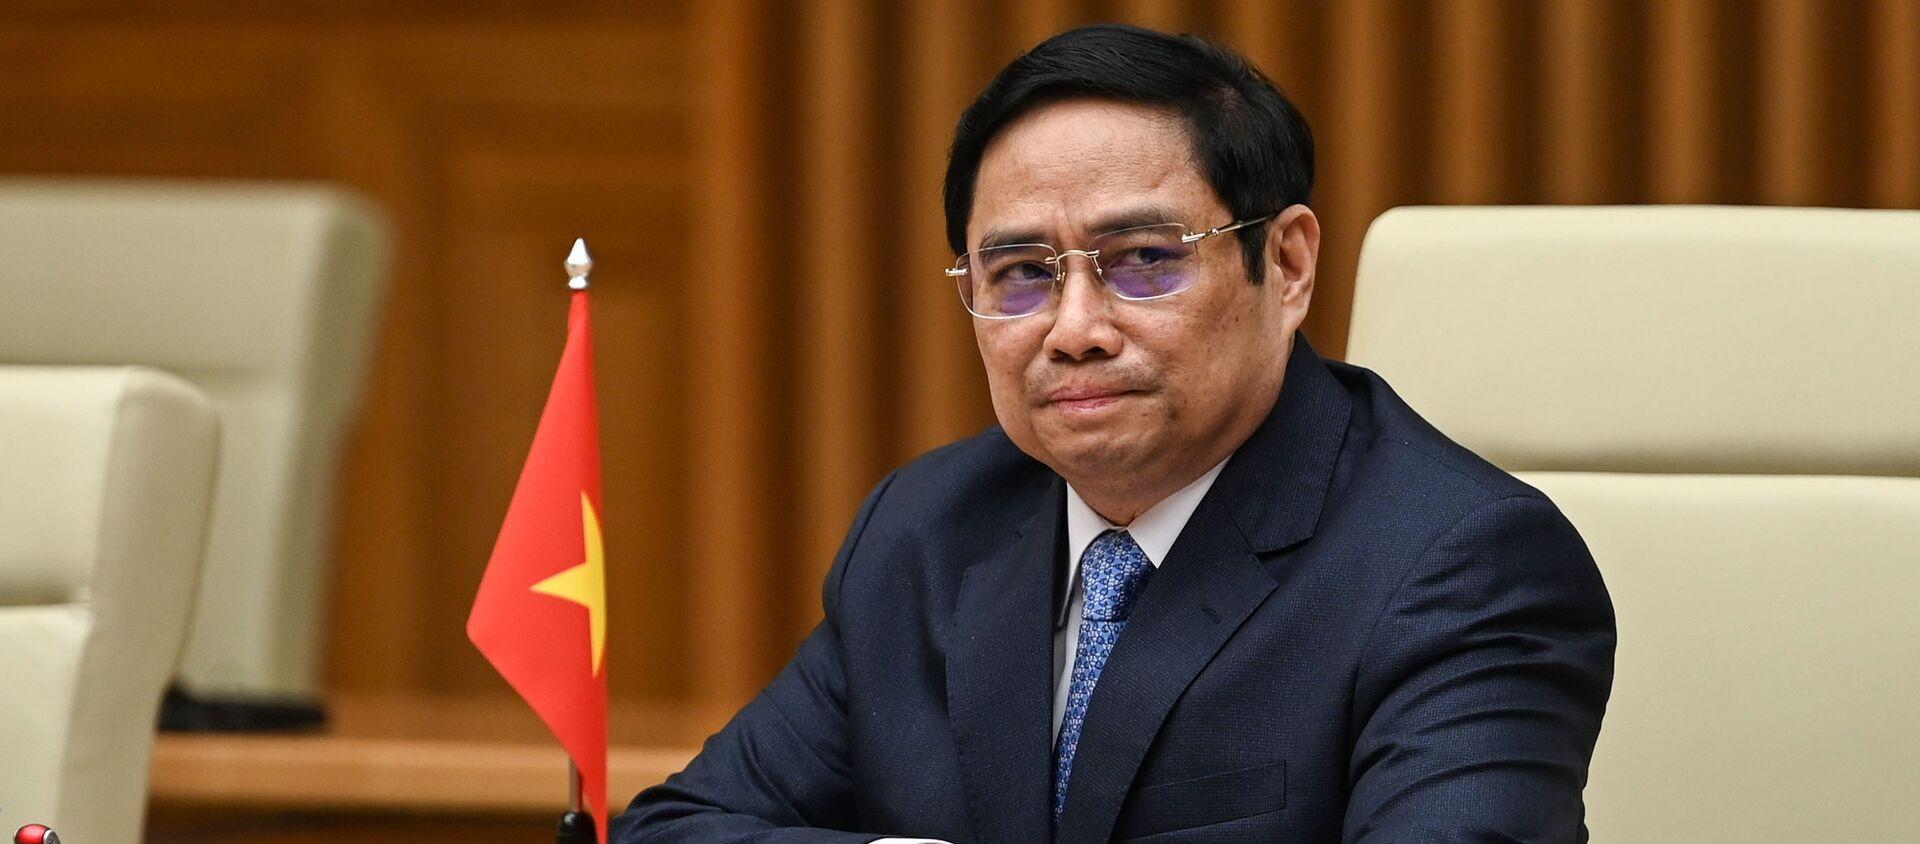 Thủ tướng Việt Nam Phạm Minh Chính tham dự cuộc họp với Phó Tổng thống Hoa Kỳ Kamala Harris tại Văn phòng Chính phủ ở Hà Nội ngày 25/8/2021. - Sputnik Việt Nam, 1920, 26.08.2021